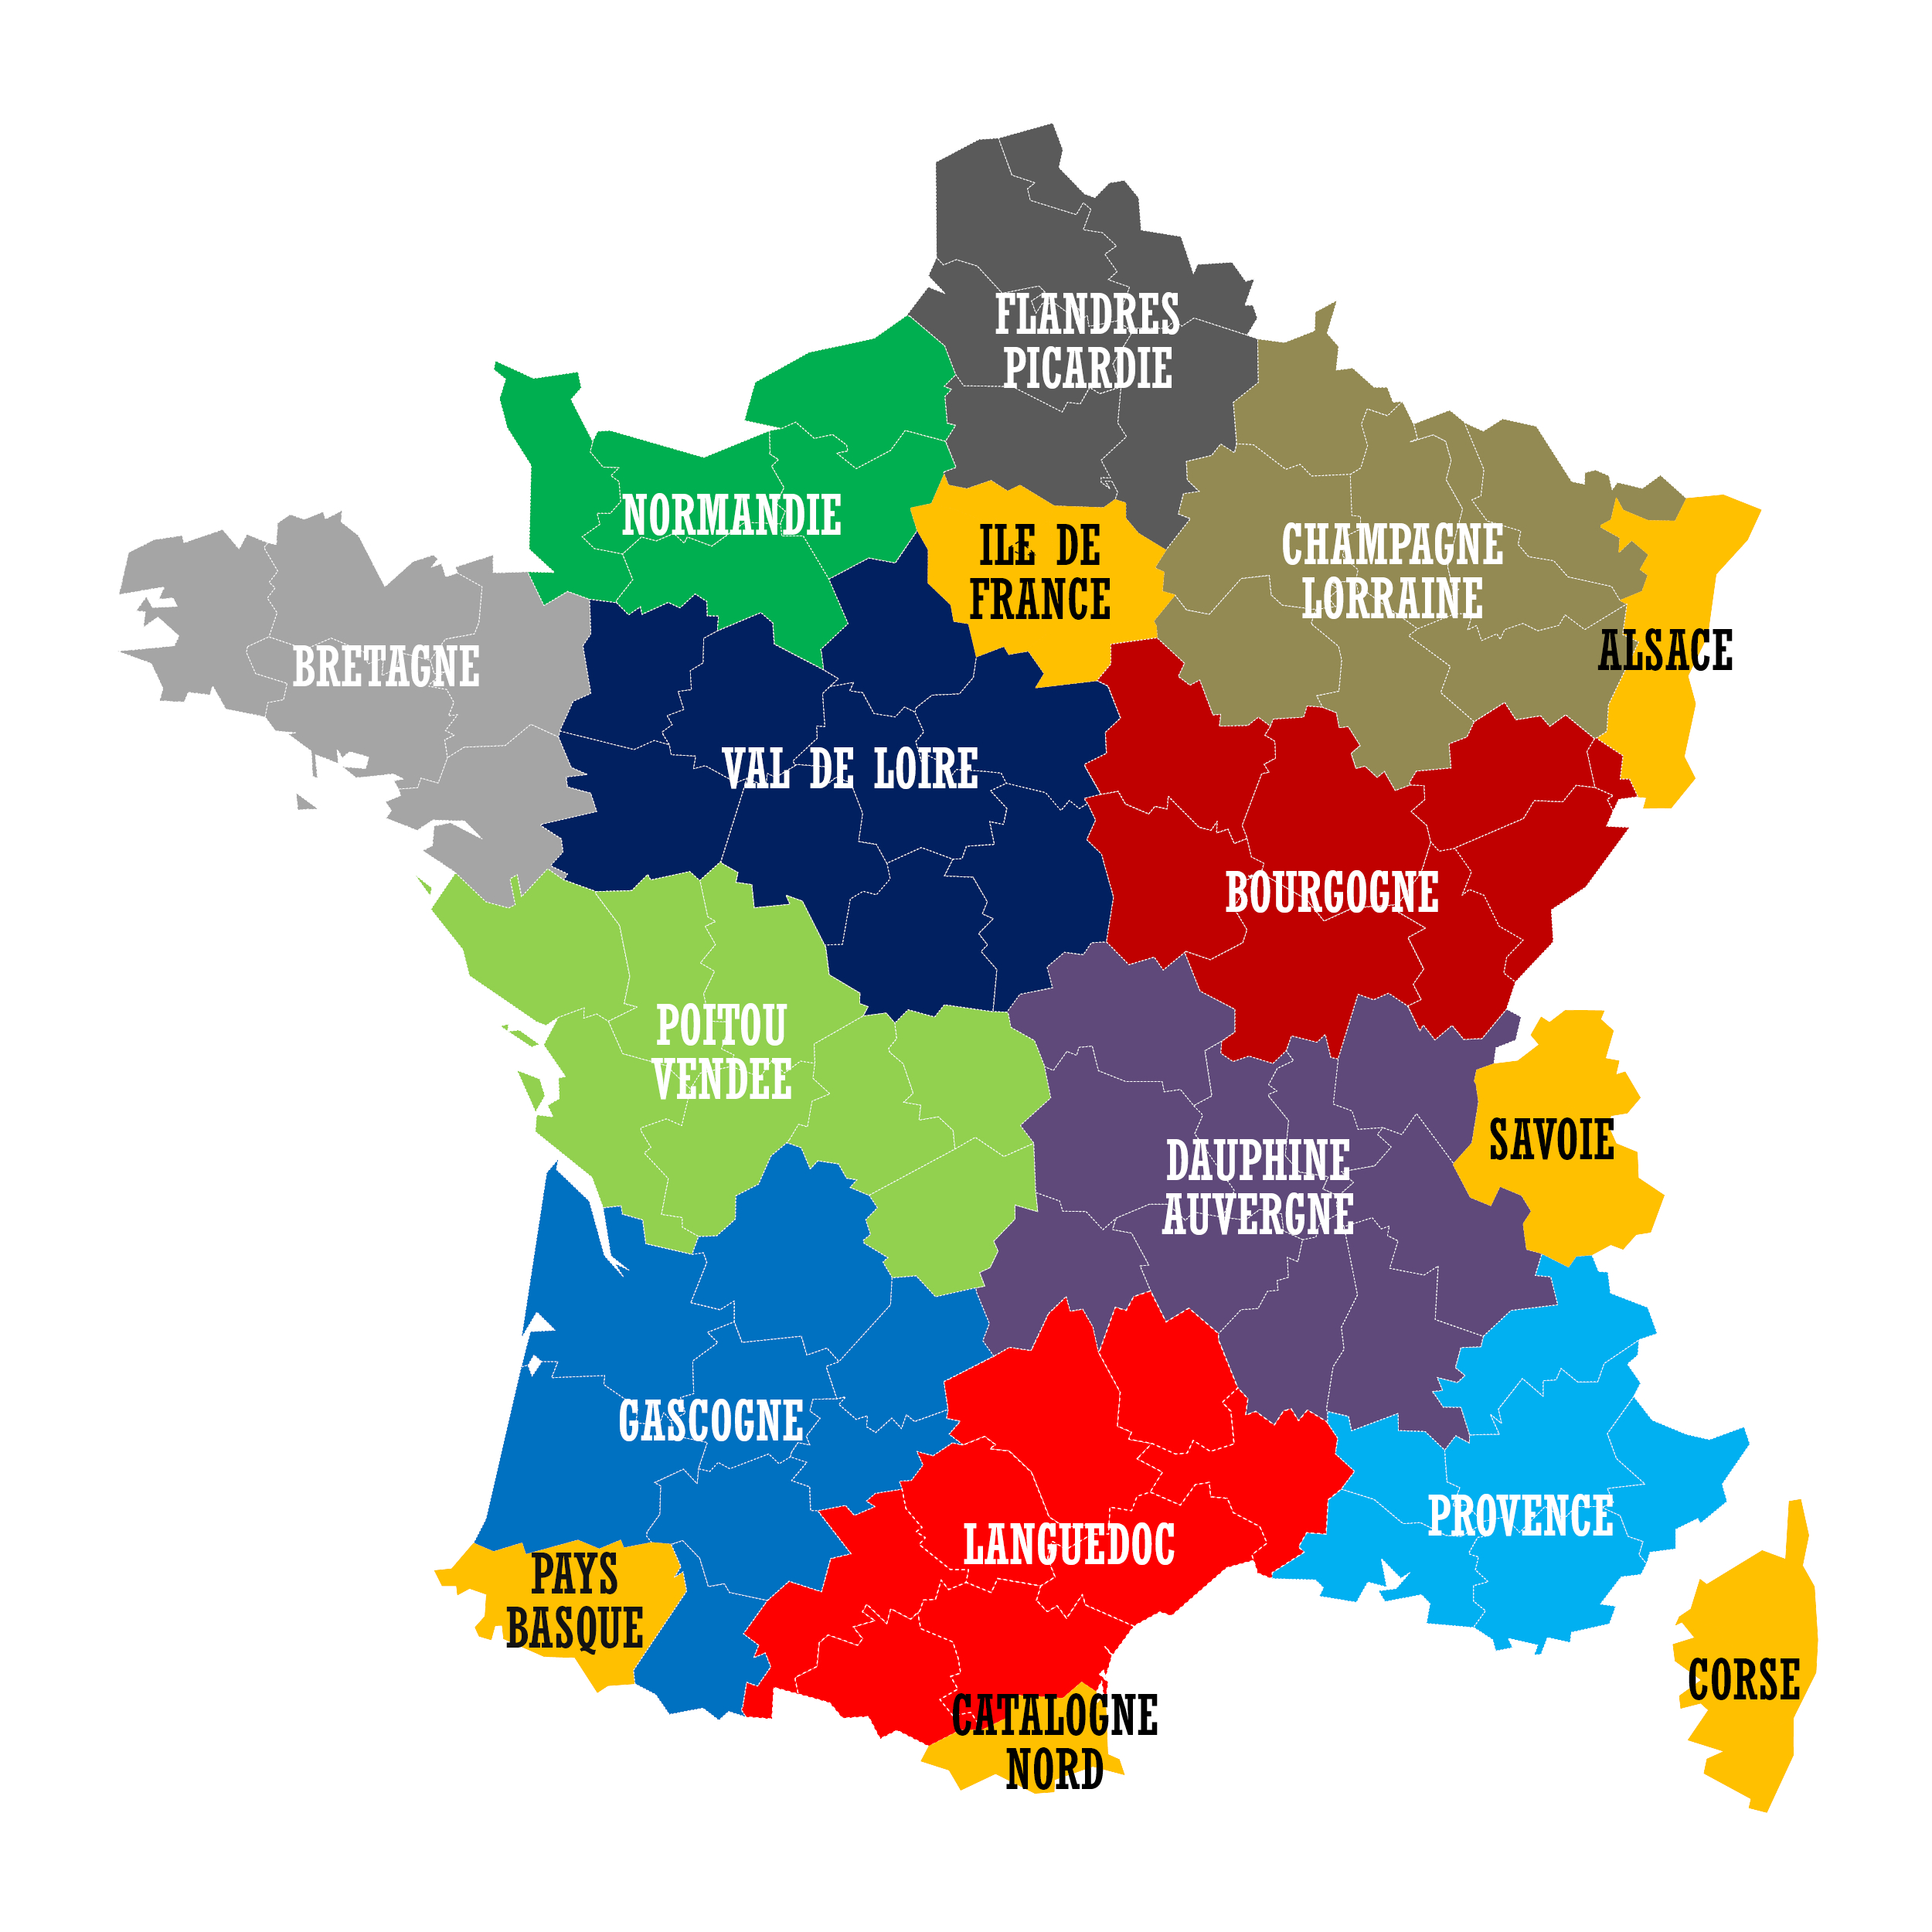 Nouvelles Régions – Redécoupage Des Collectivités intérieur Nouvelles Régions De France 2017